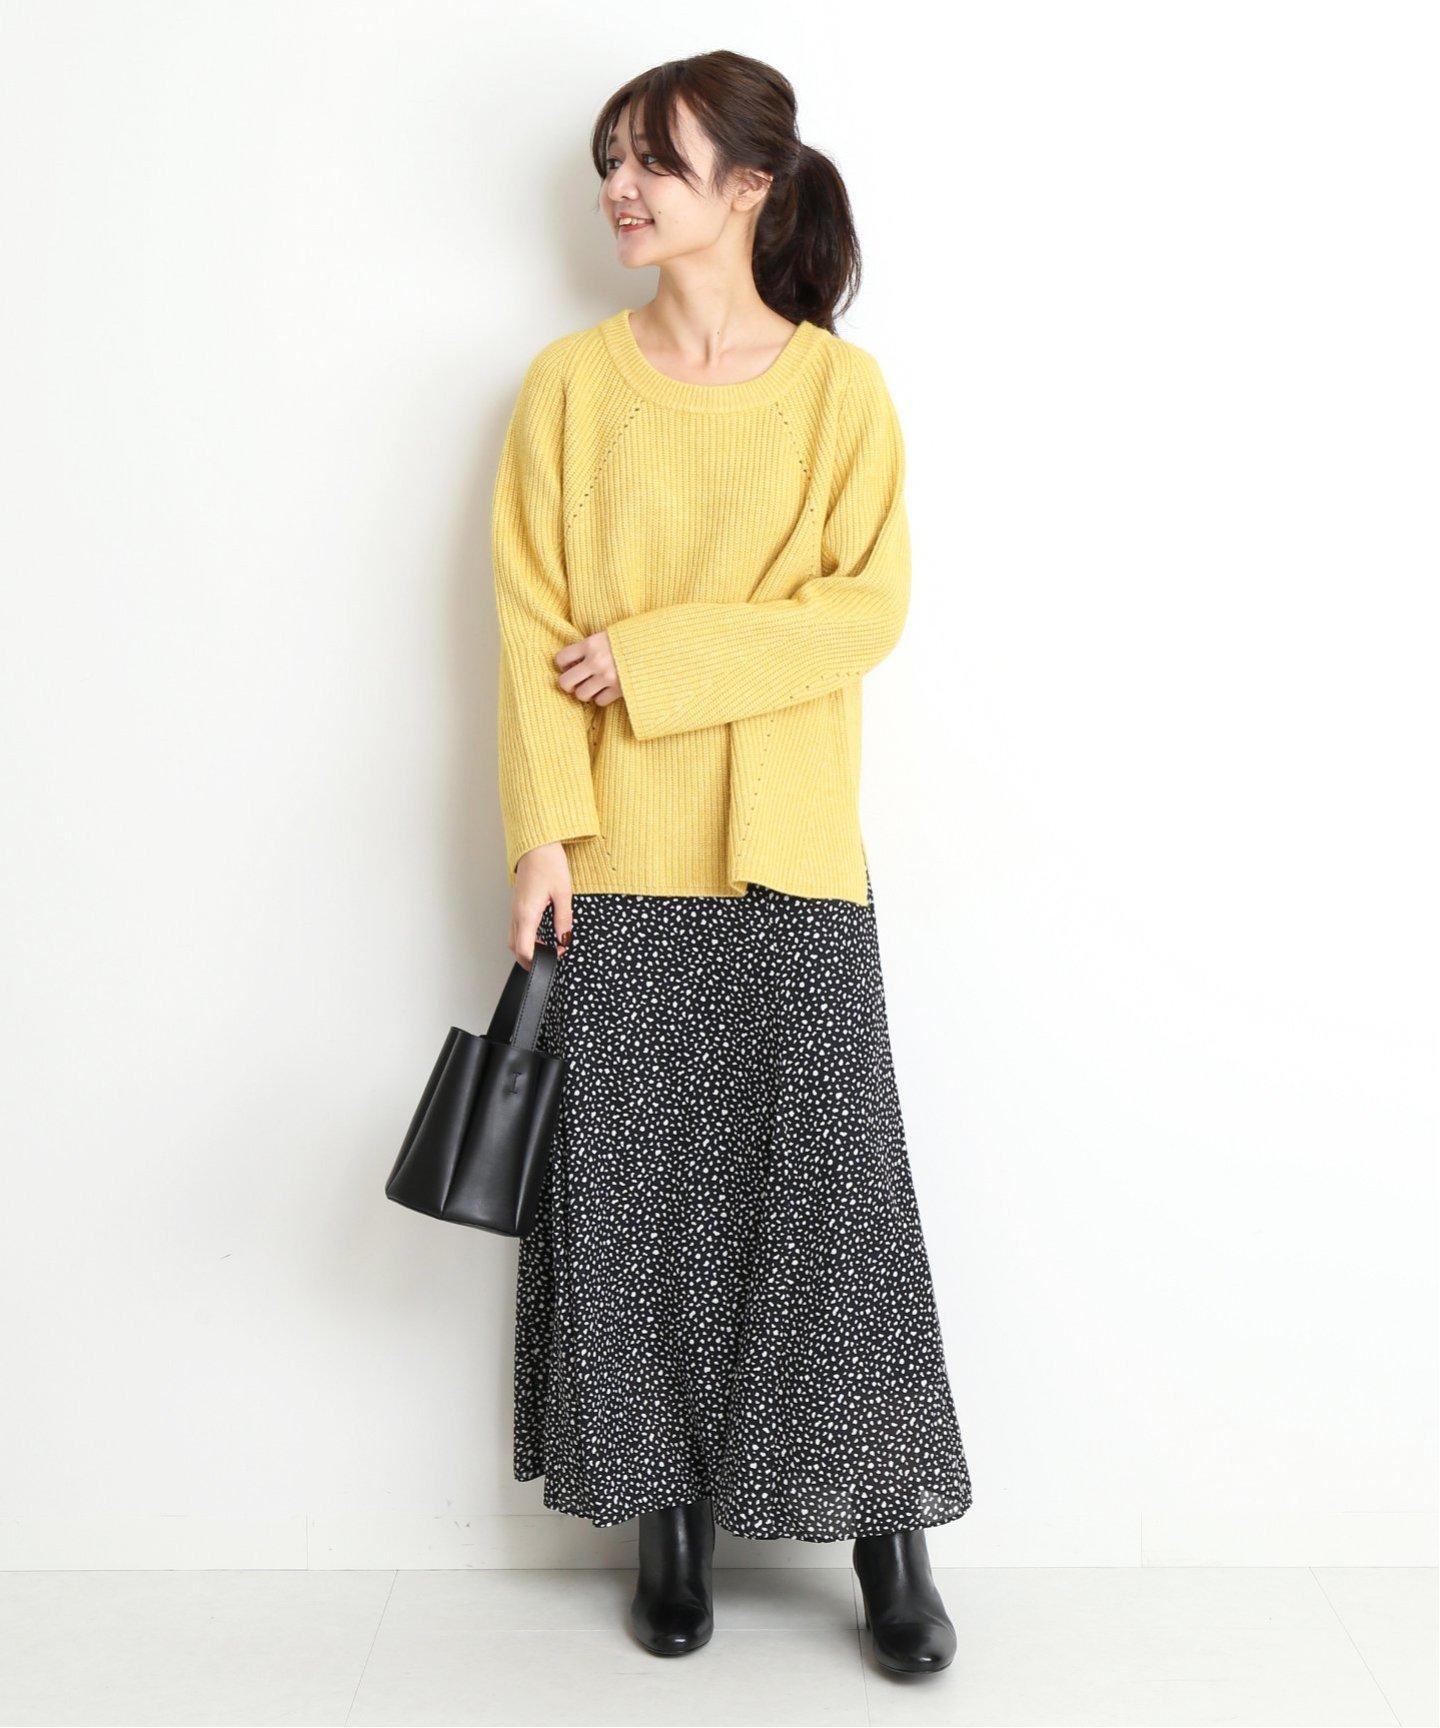 可以隨著上身的變換呈現出不同印象感的花色裙裝,在今年冬天開始飽受日本女生愛戴